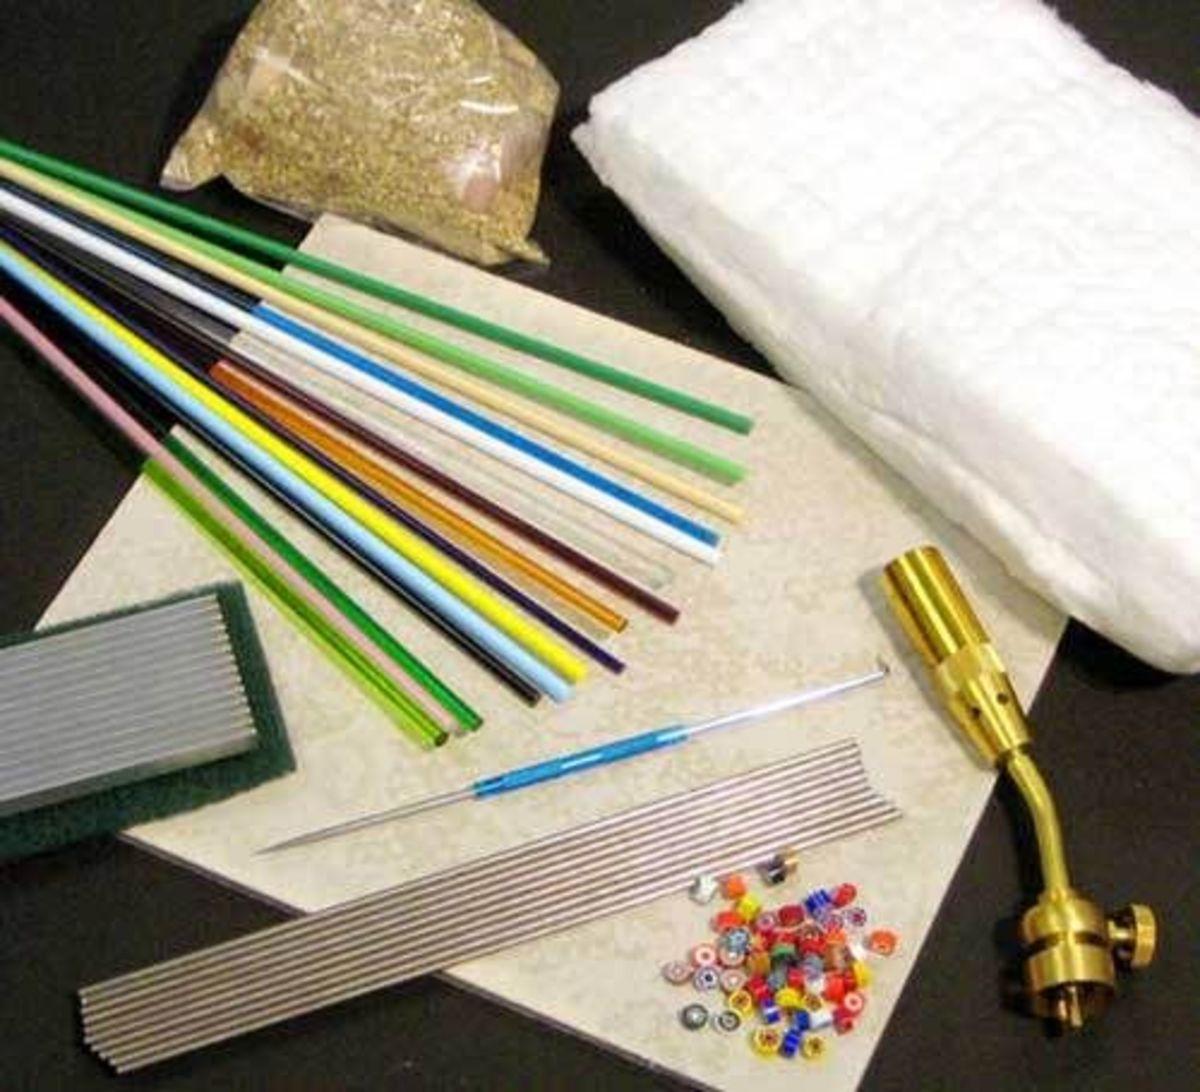 Tools, Torches, Bits & Pieces